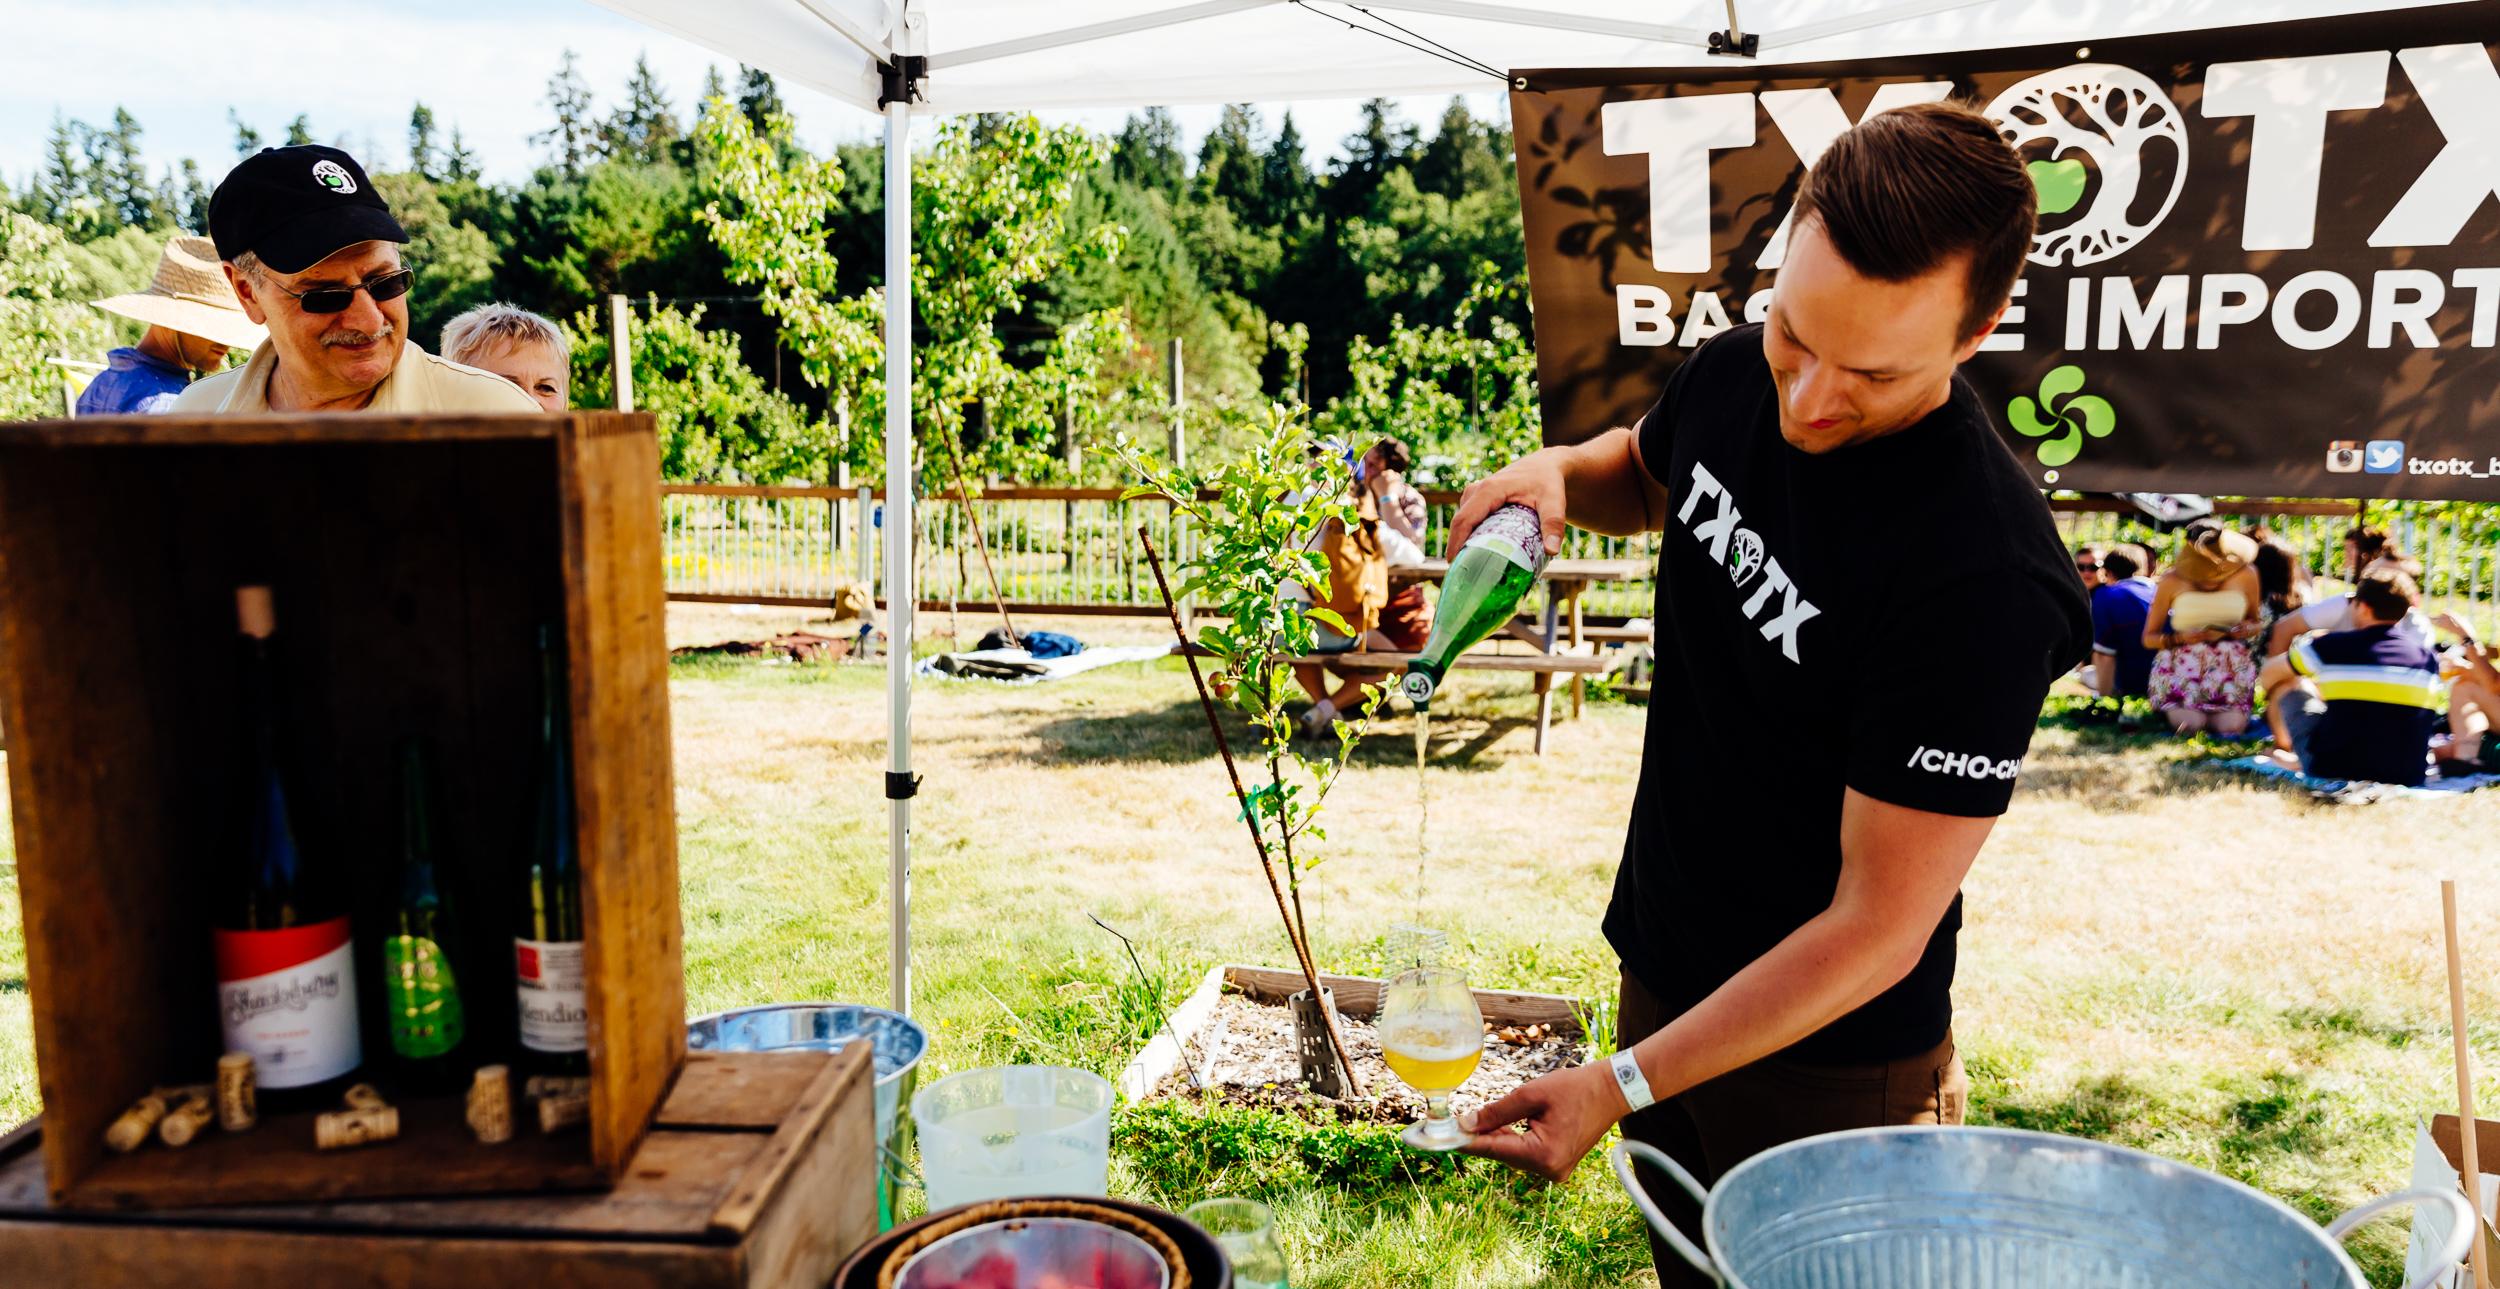 Farmhouse-Fest-Vancouver-image12.jpg